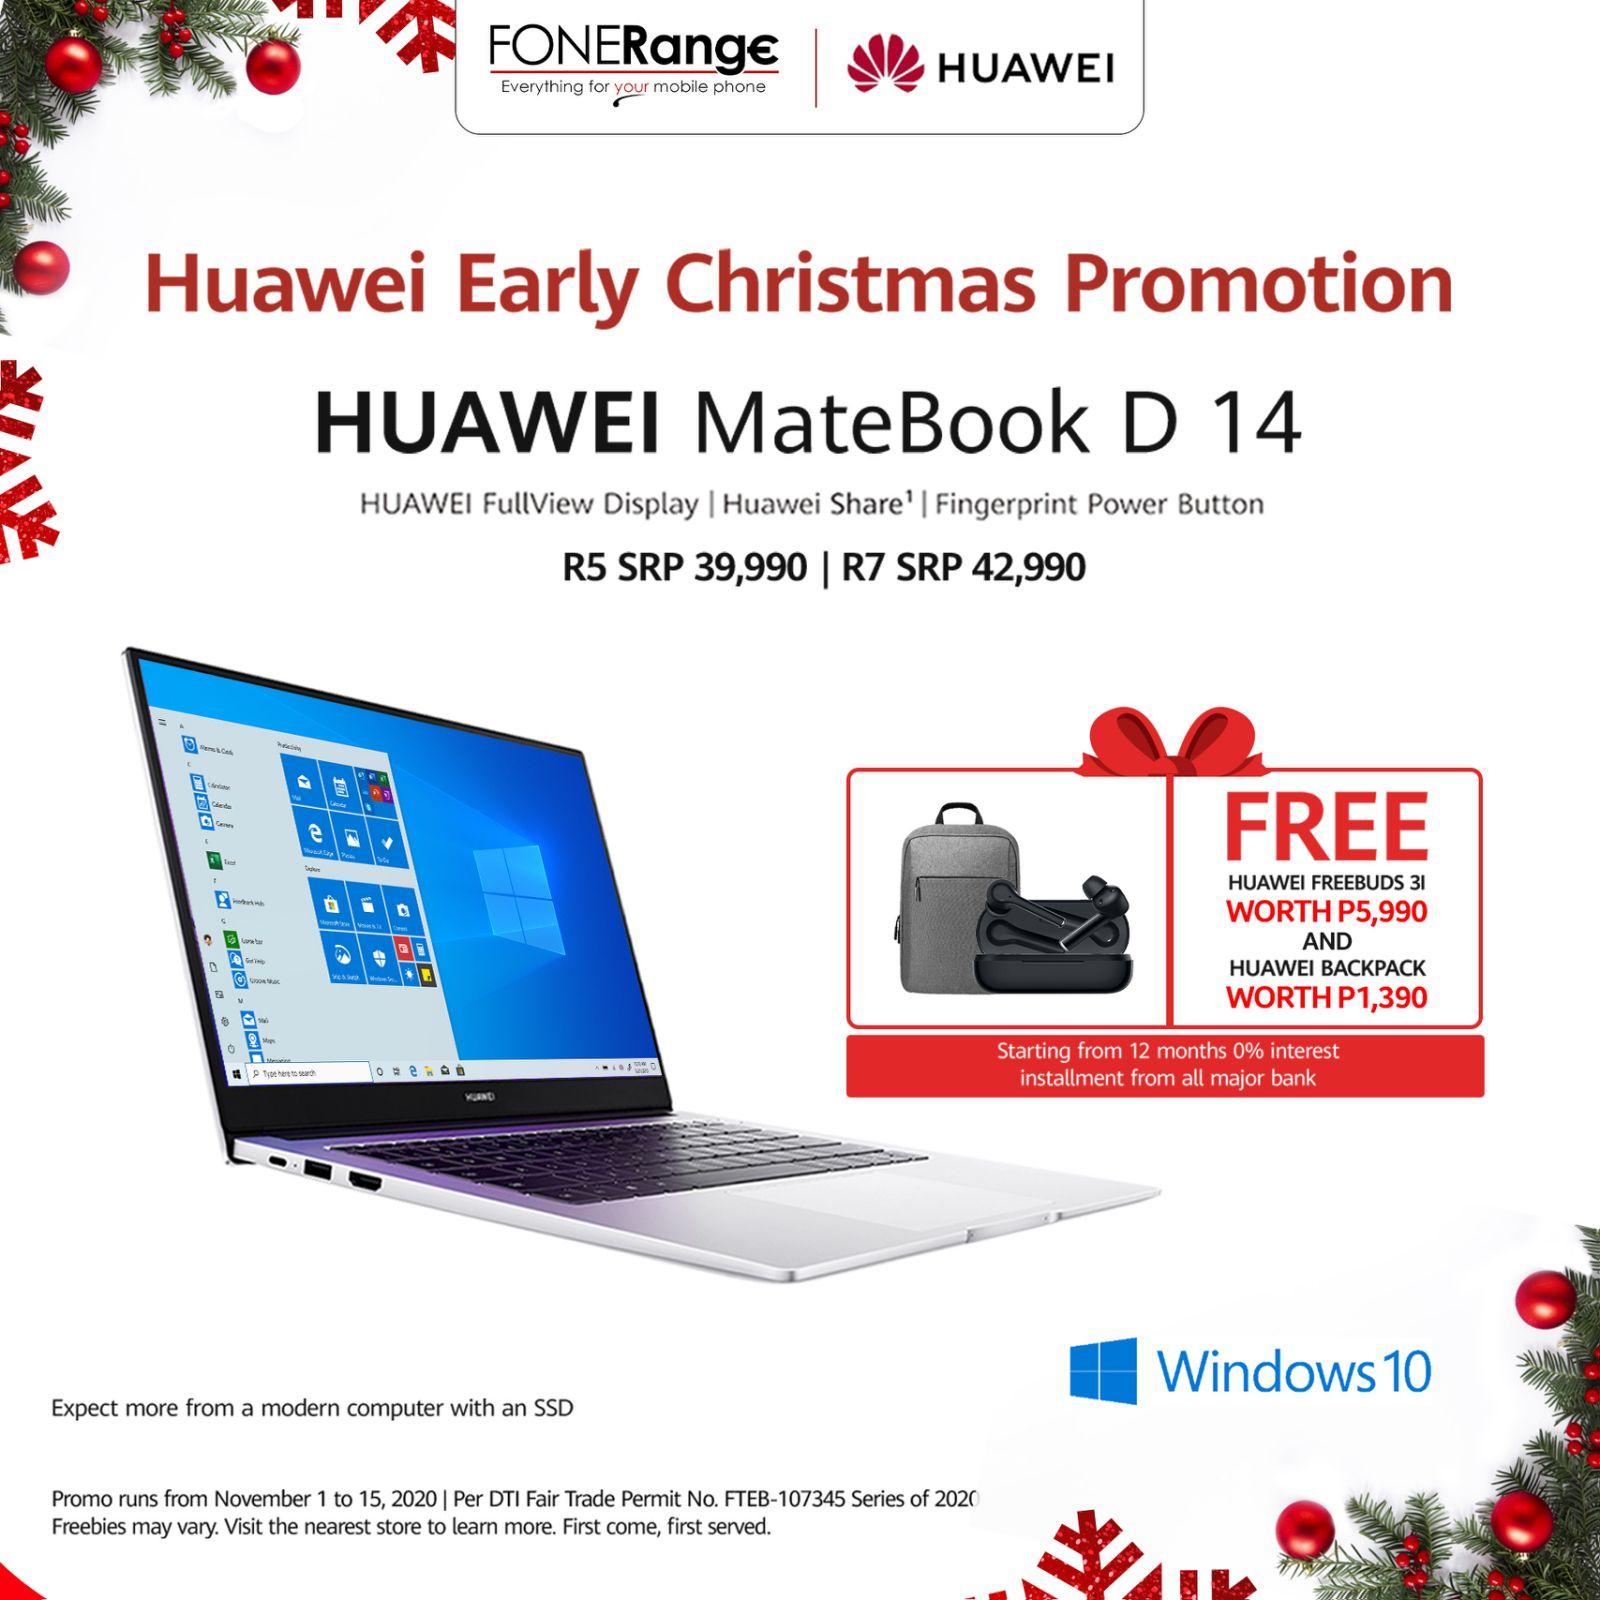 Huawei Early Christmas Promo